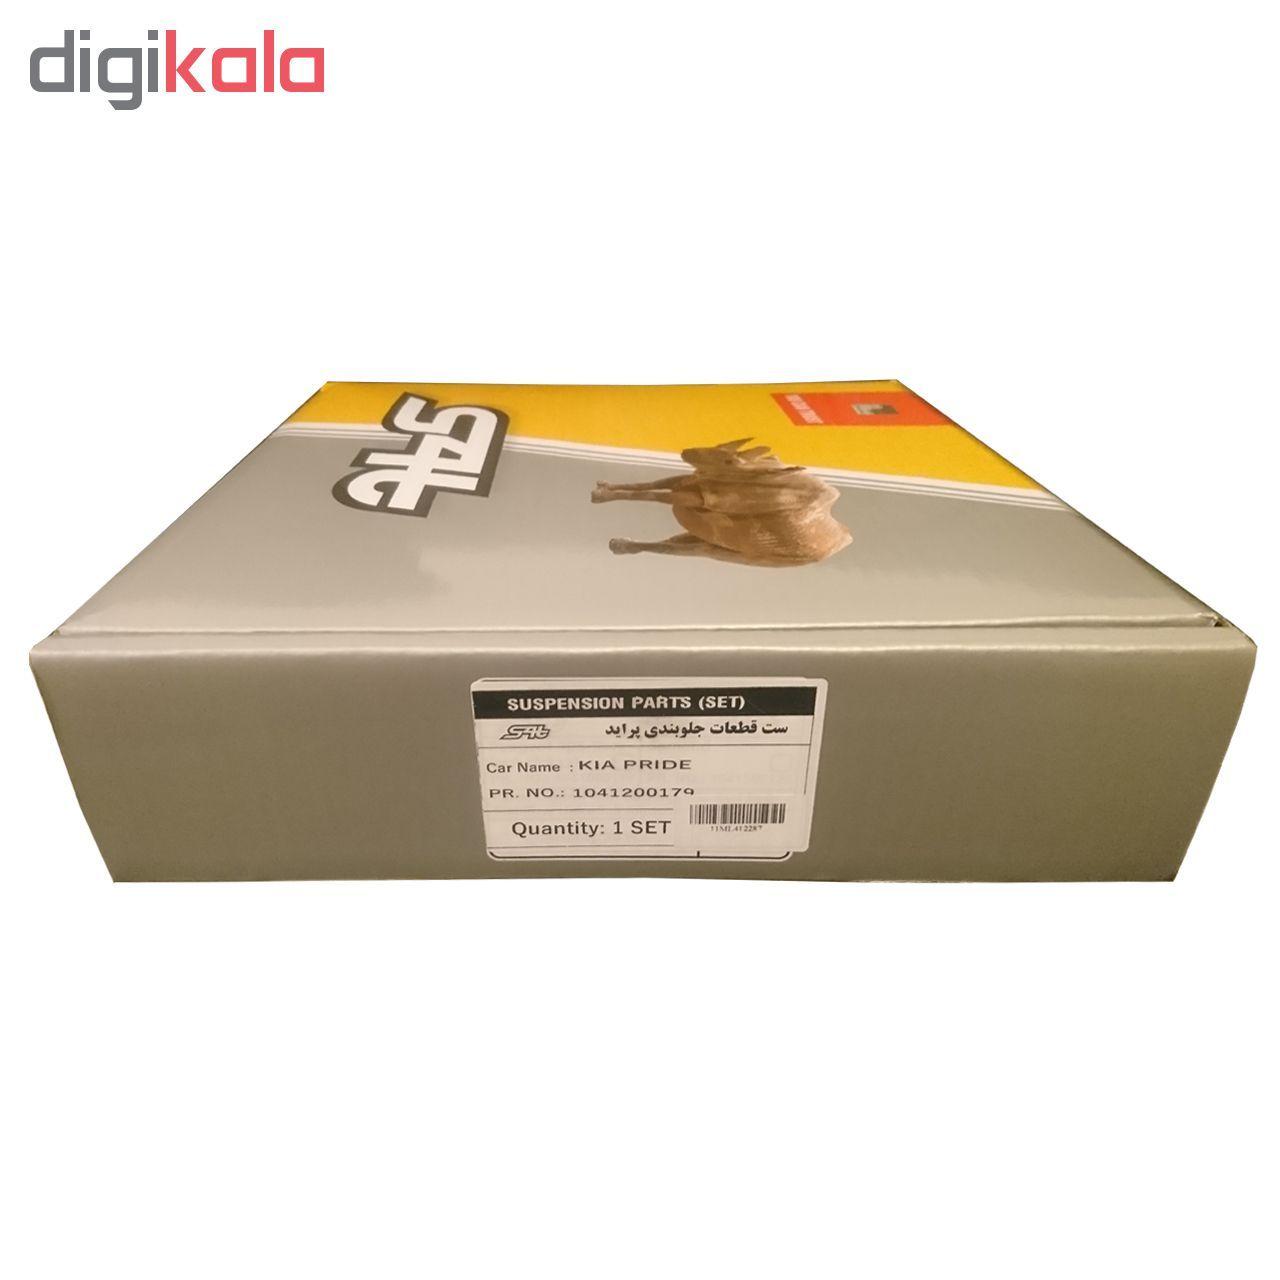 مجموعه جلوبندی اس فورتی کد 1041200179 مناسب برای پراید main 1 3